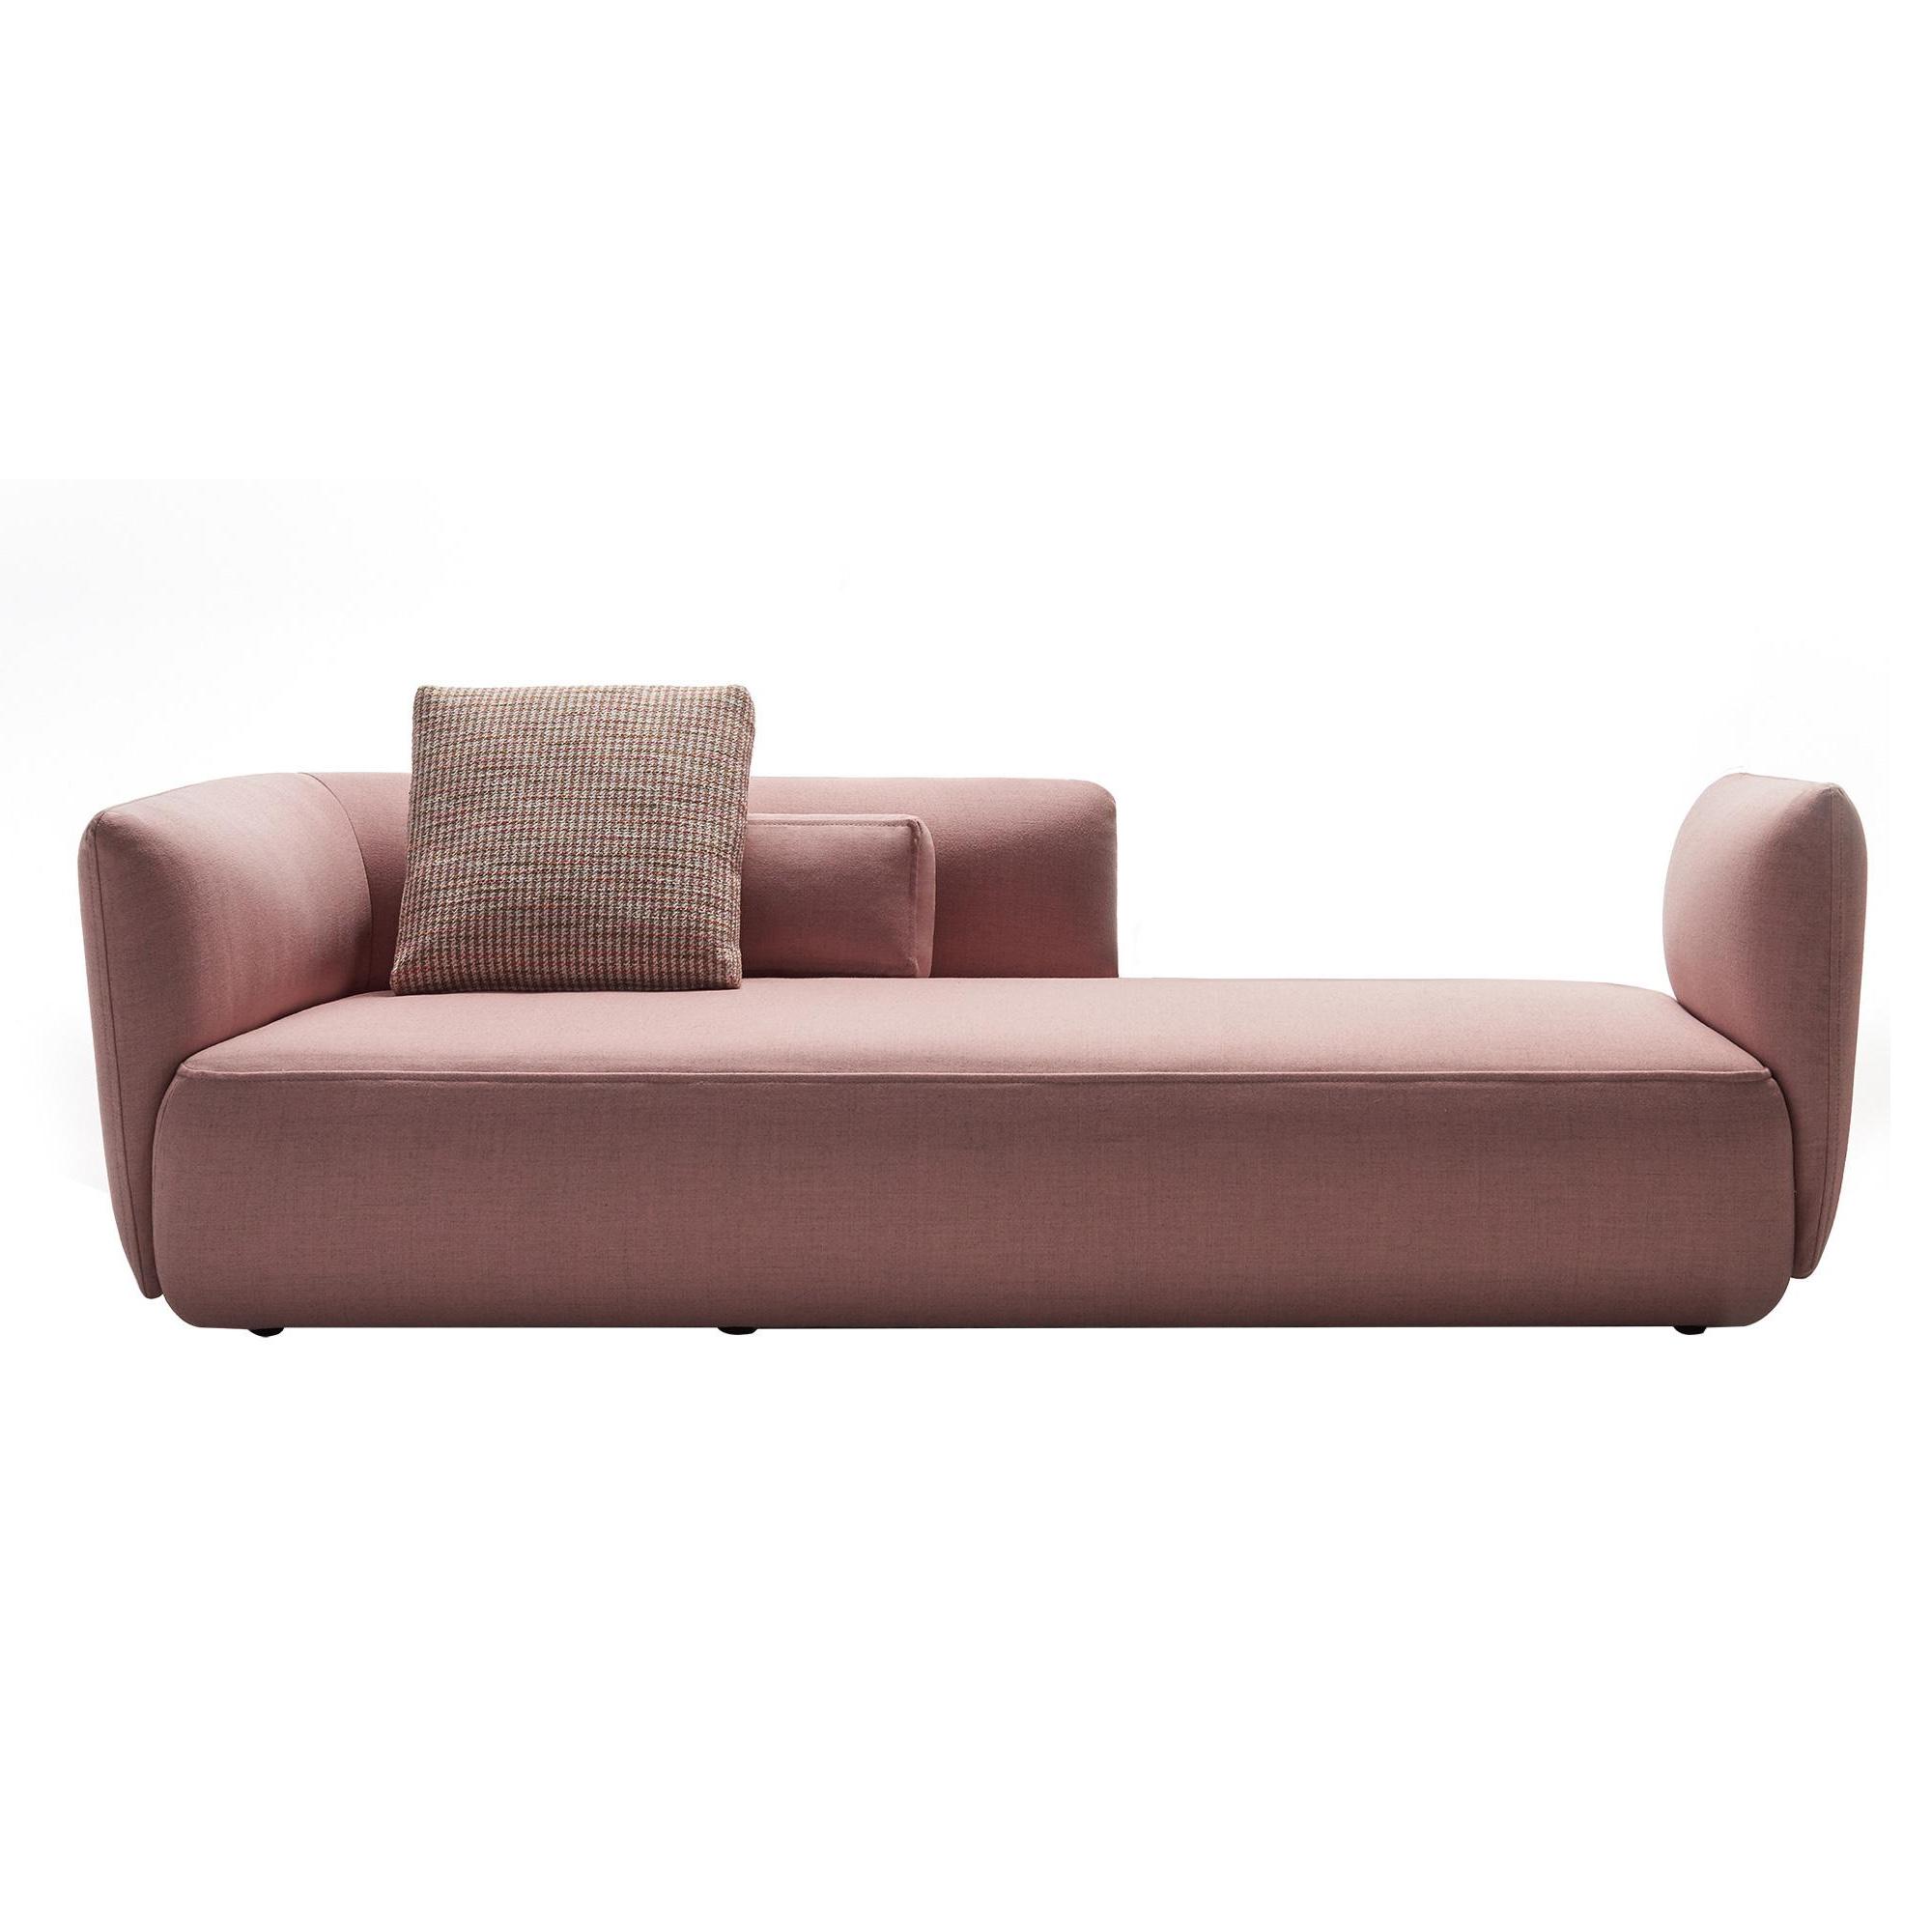 MDF Italia - Cosy Paolina - Canapé - poudre rose/étoffe Perth R463 Col. 06/PxHxP 230x70x95cm/sans coussins décoratifs